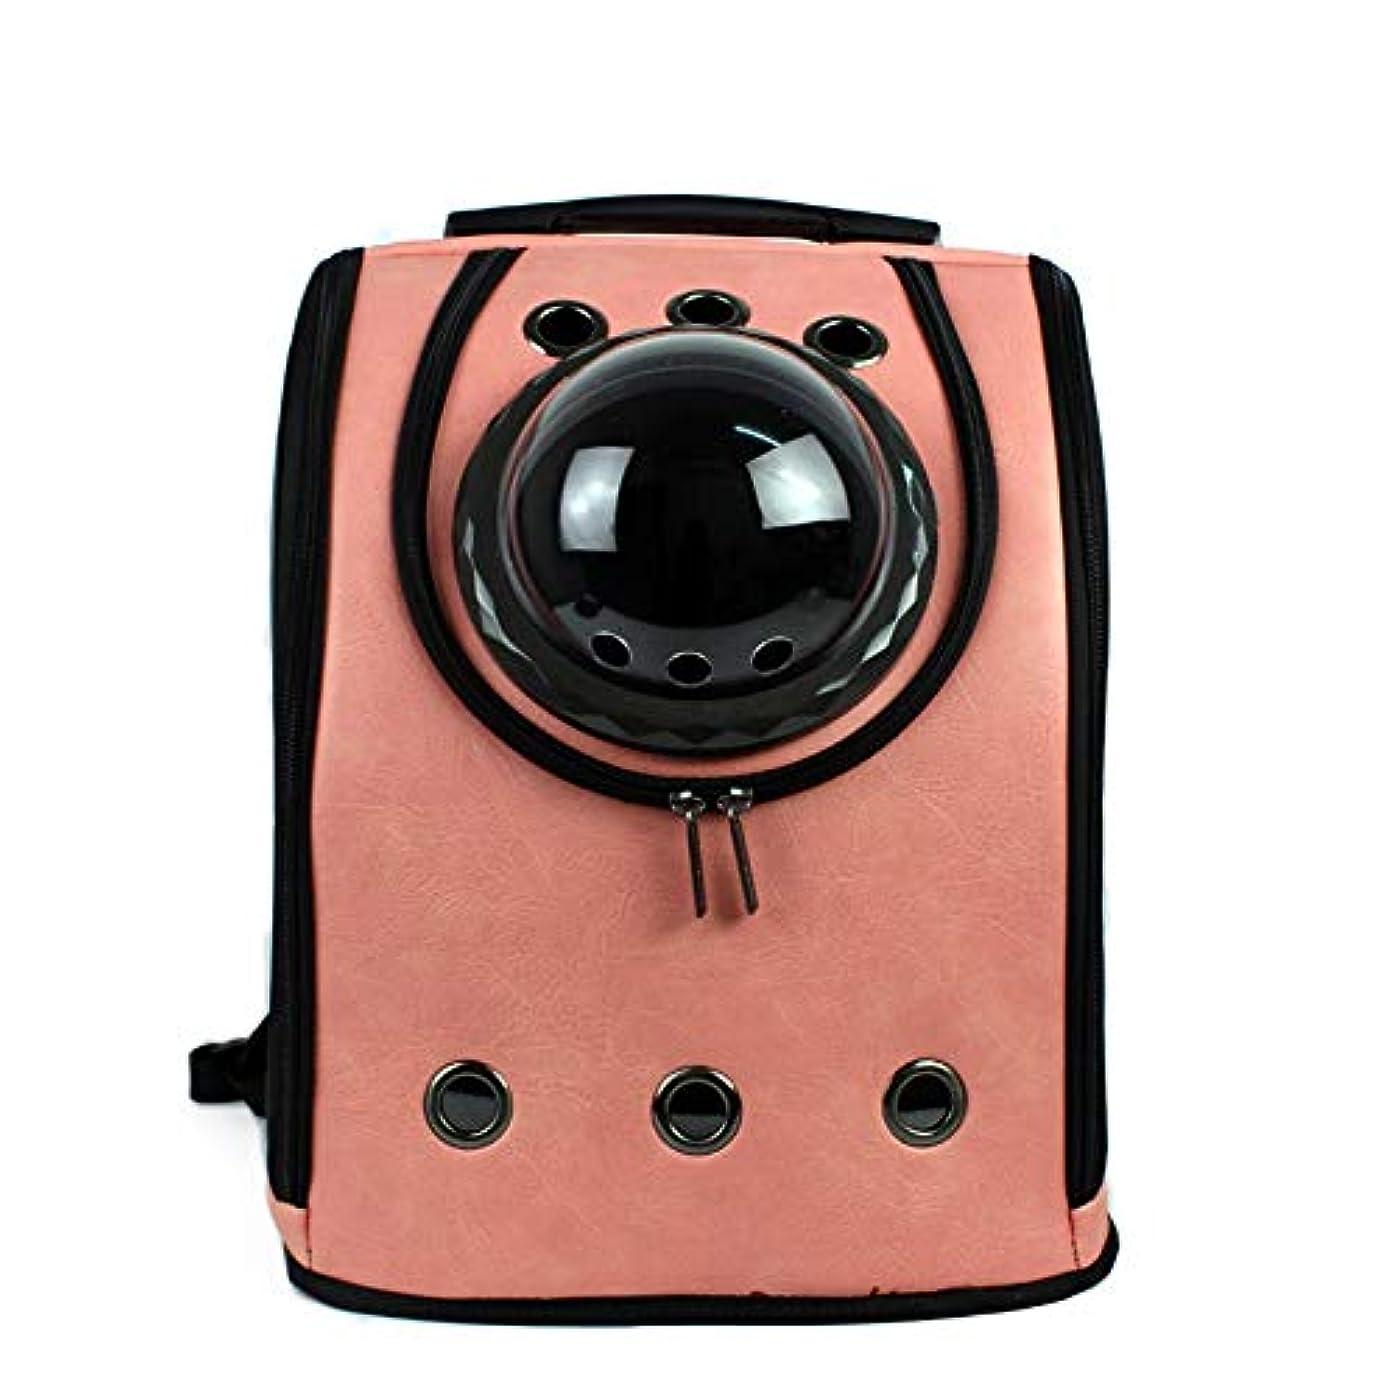 ランチョン指標冷淡なXYACM PUペットバックパック通気性旅行ケージ用小型中型犬と猫子犬フロント屋外スペースカプセルショルダー犬猫バッグ (色 : ピンク, サイズ : 32*26*42cm)